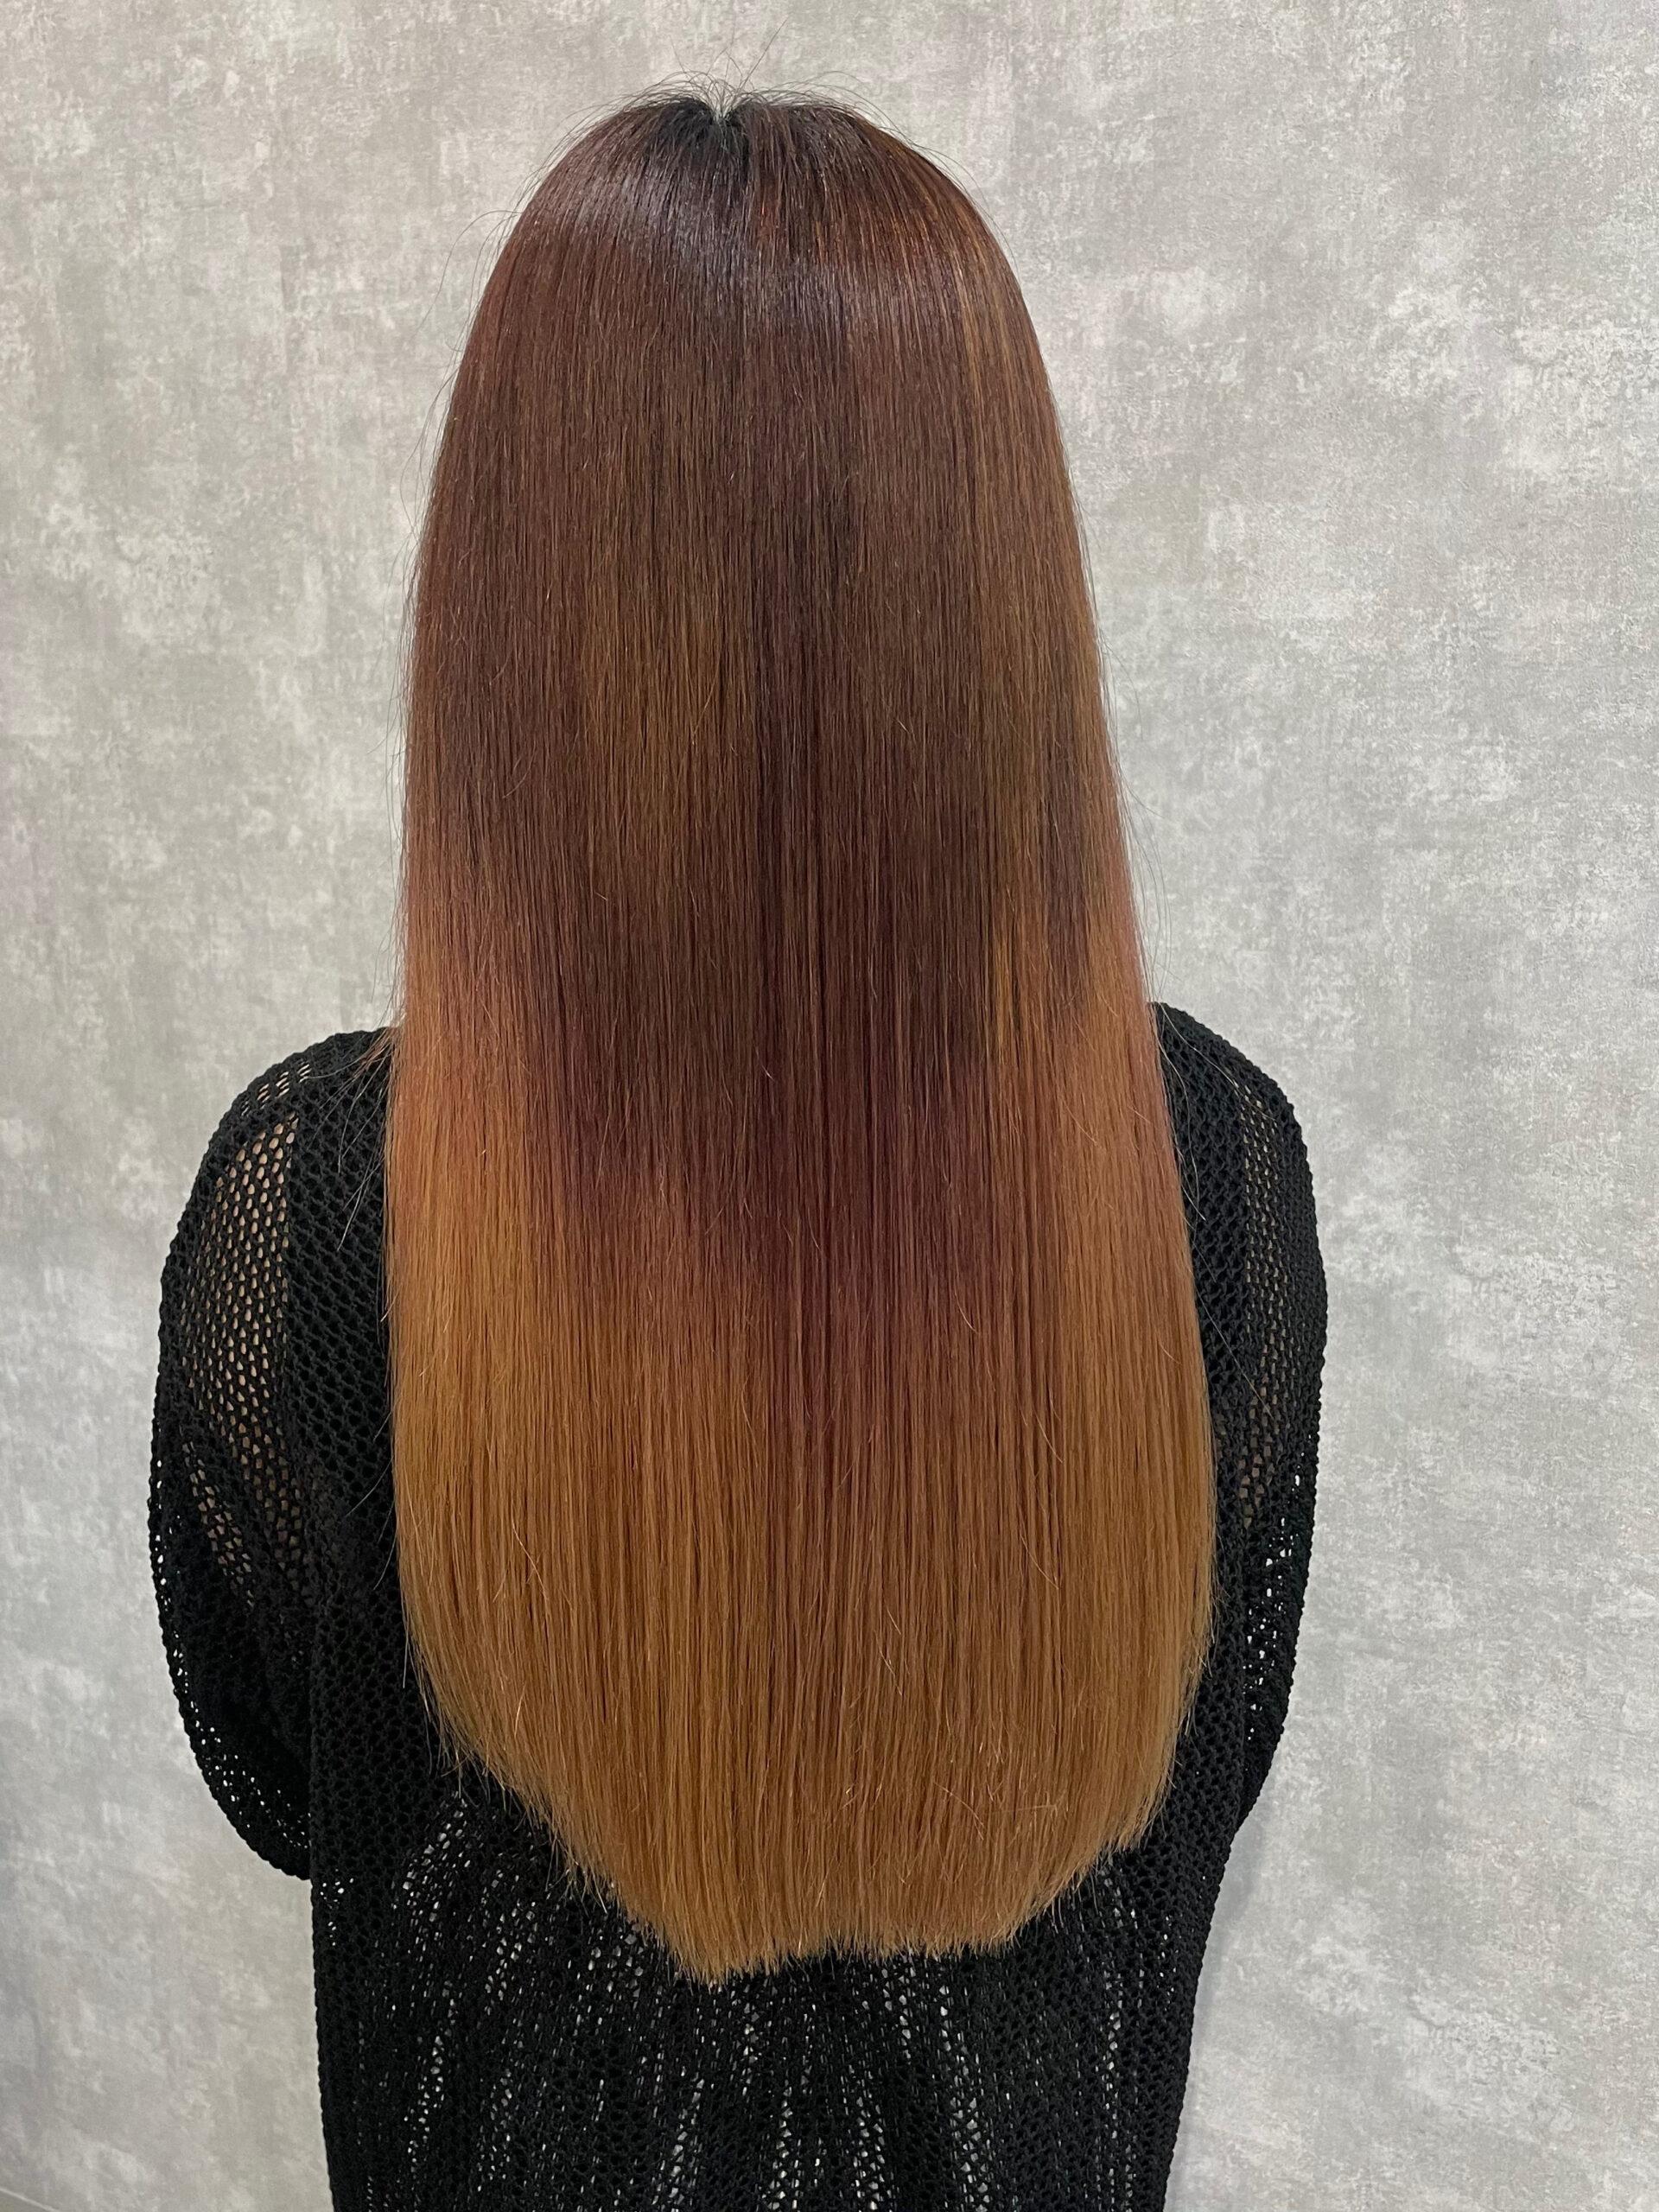 大分県別府市 ブリーチしているハイダメージ毛に髪質改善の縮毛矯正 ビフォー